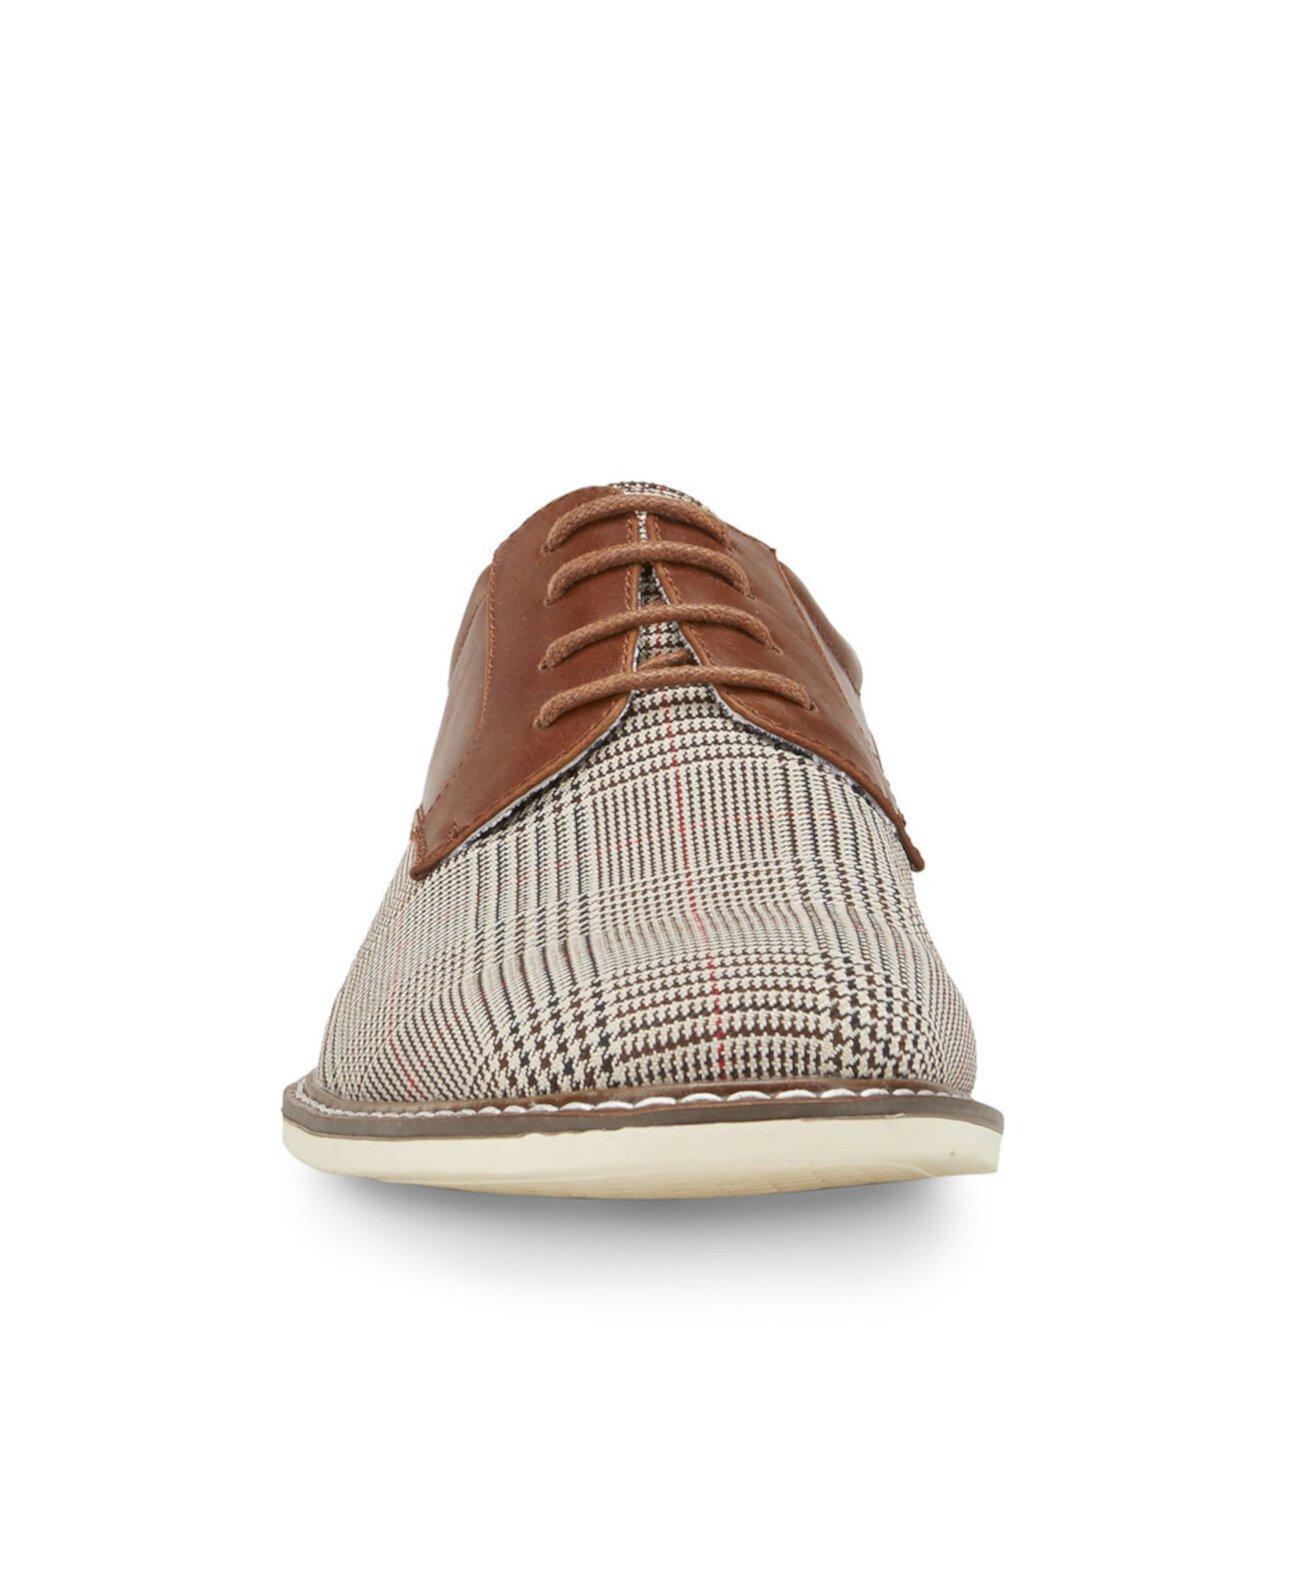 Мужская обувь The Kipps Dress Derby XRAY